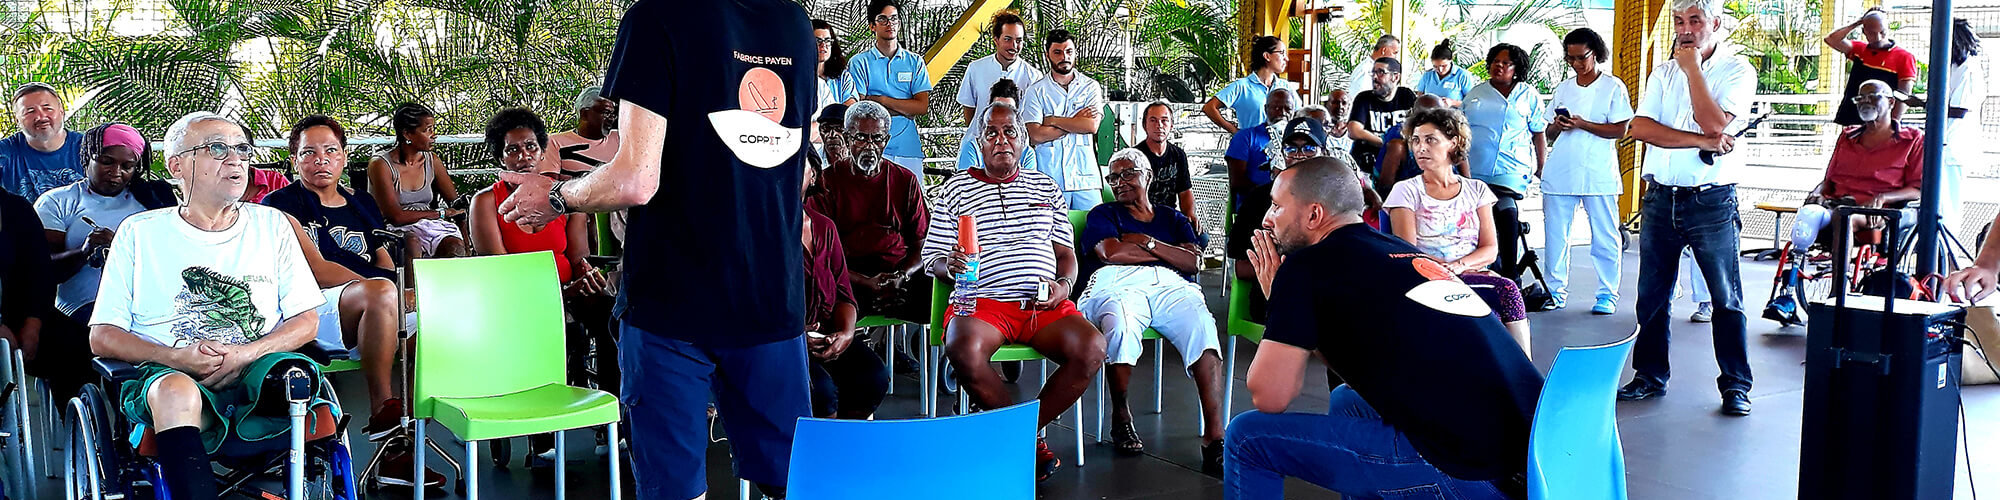 Fabrice Payen et les patients de la Clinique de Choisy au Gosier avec le cabinet d'avocats spécialistes en droit du dommage corporel Coppet Avocats